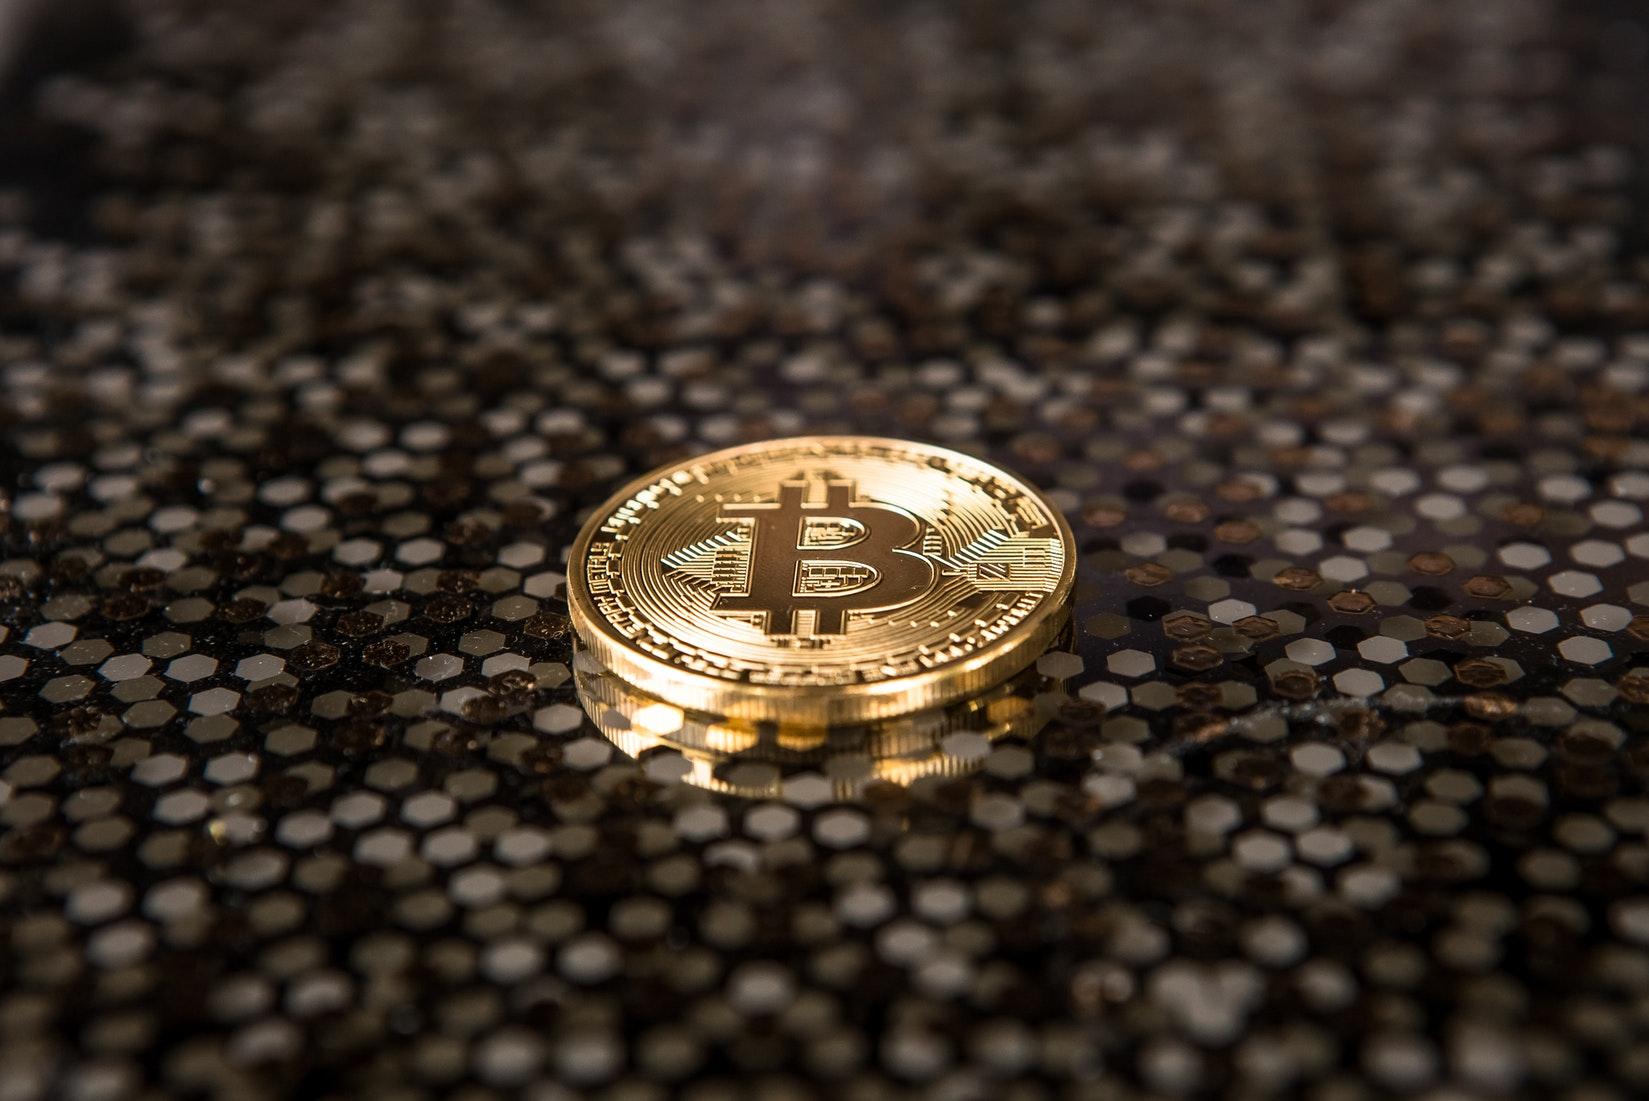 央行发公告叫停虚拟代币ICO,比特币、莱特币暴跌